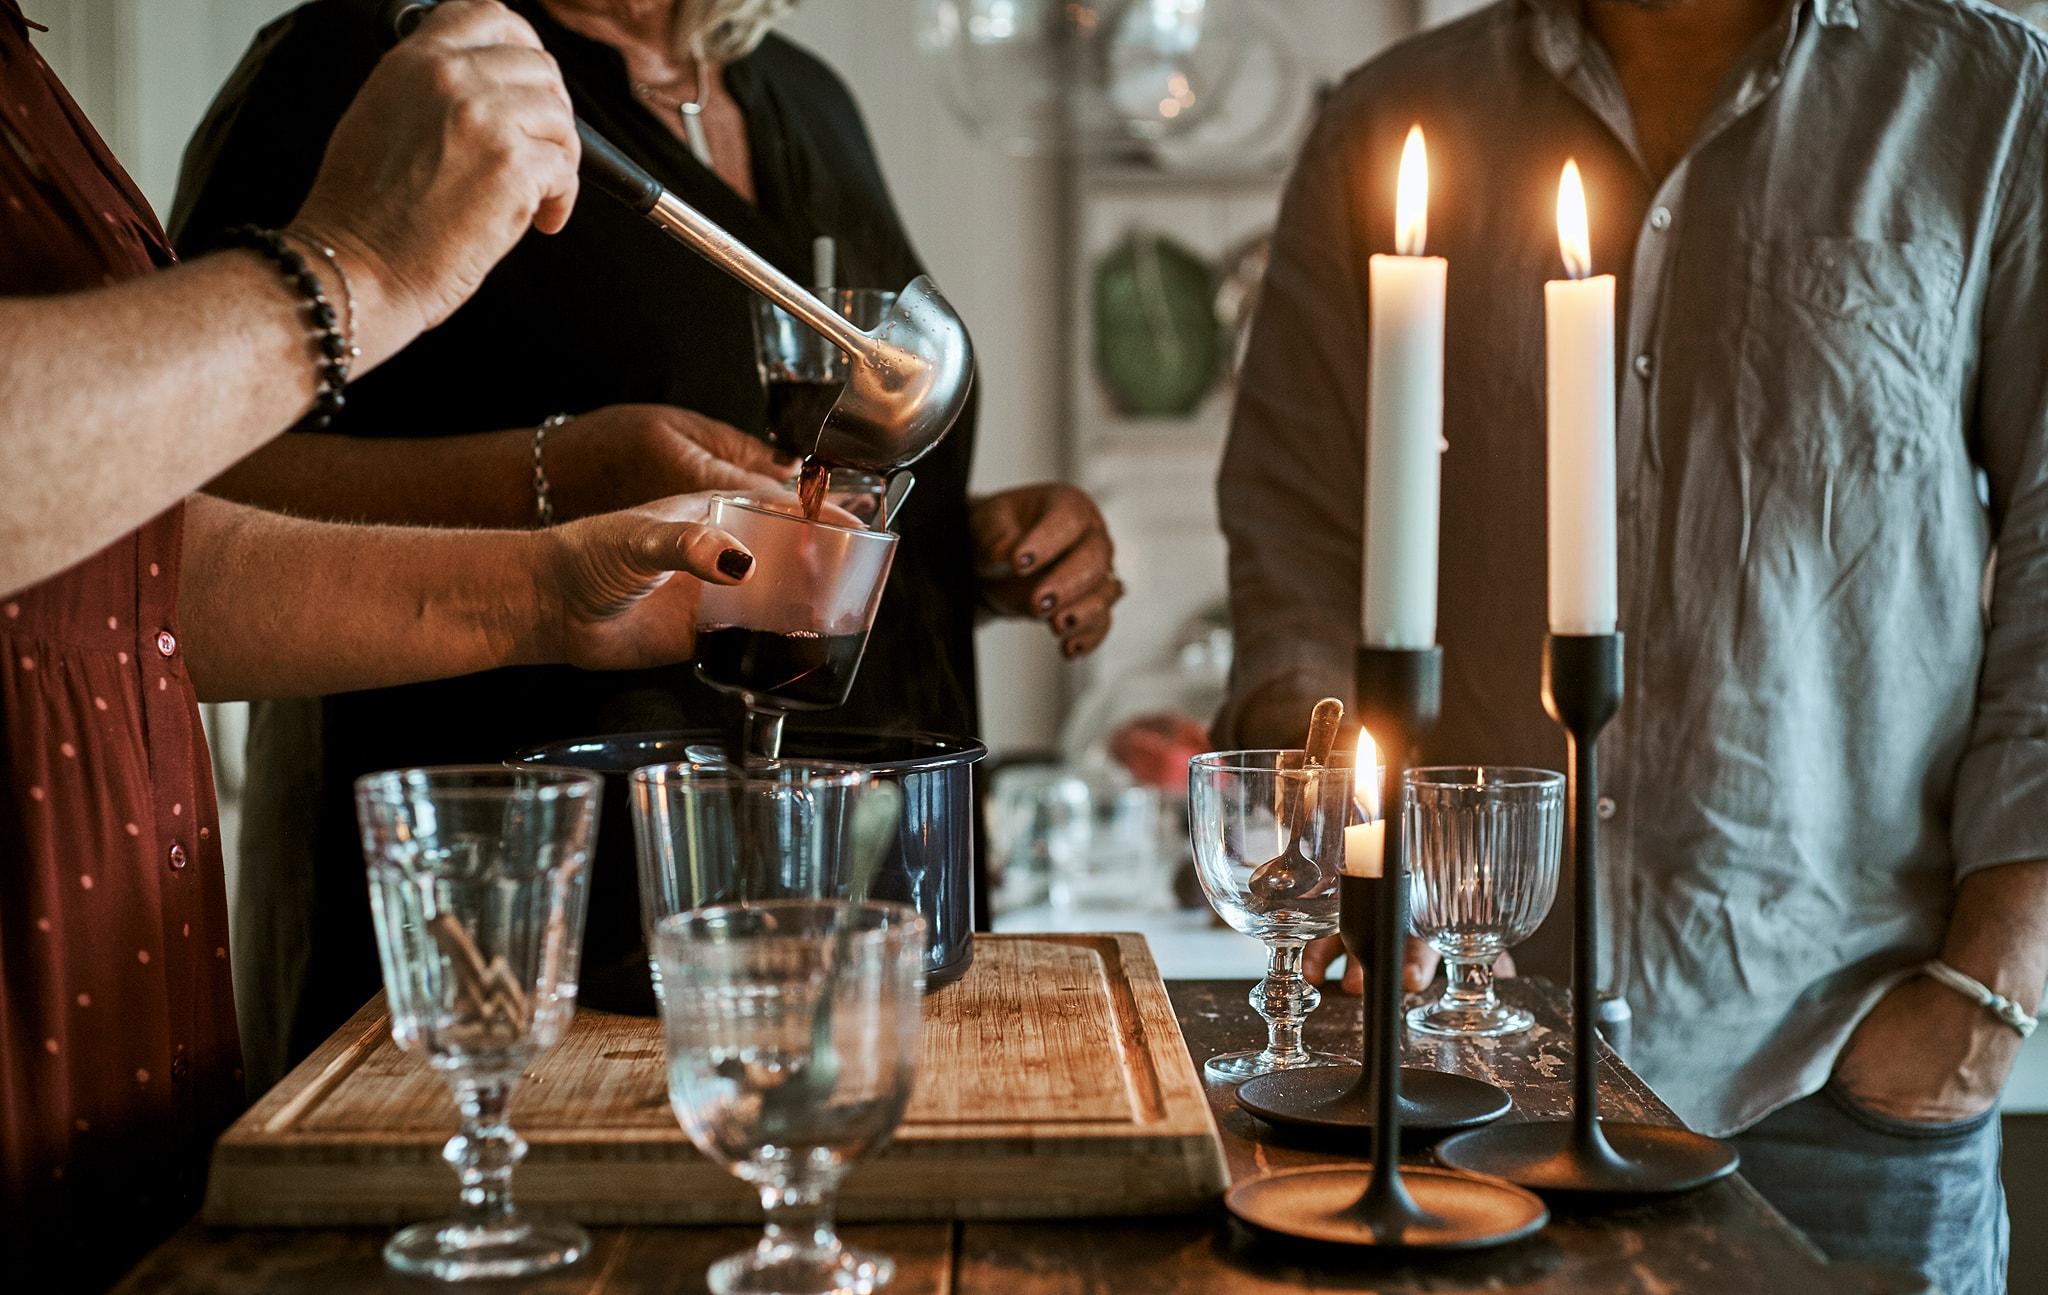 多人站在廚房島形工作檯旁邊,檯上有杯、點亮的蠟燭和一鍋熱賓治,其中一人將飲品舀進杯內。